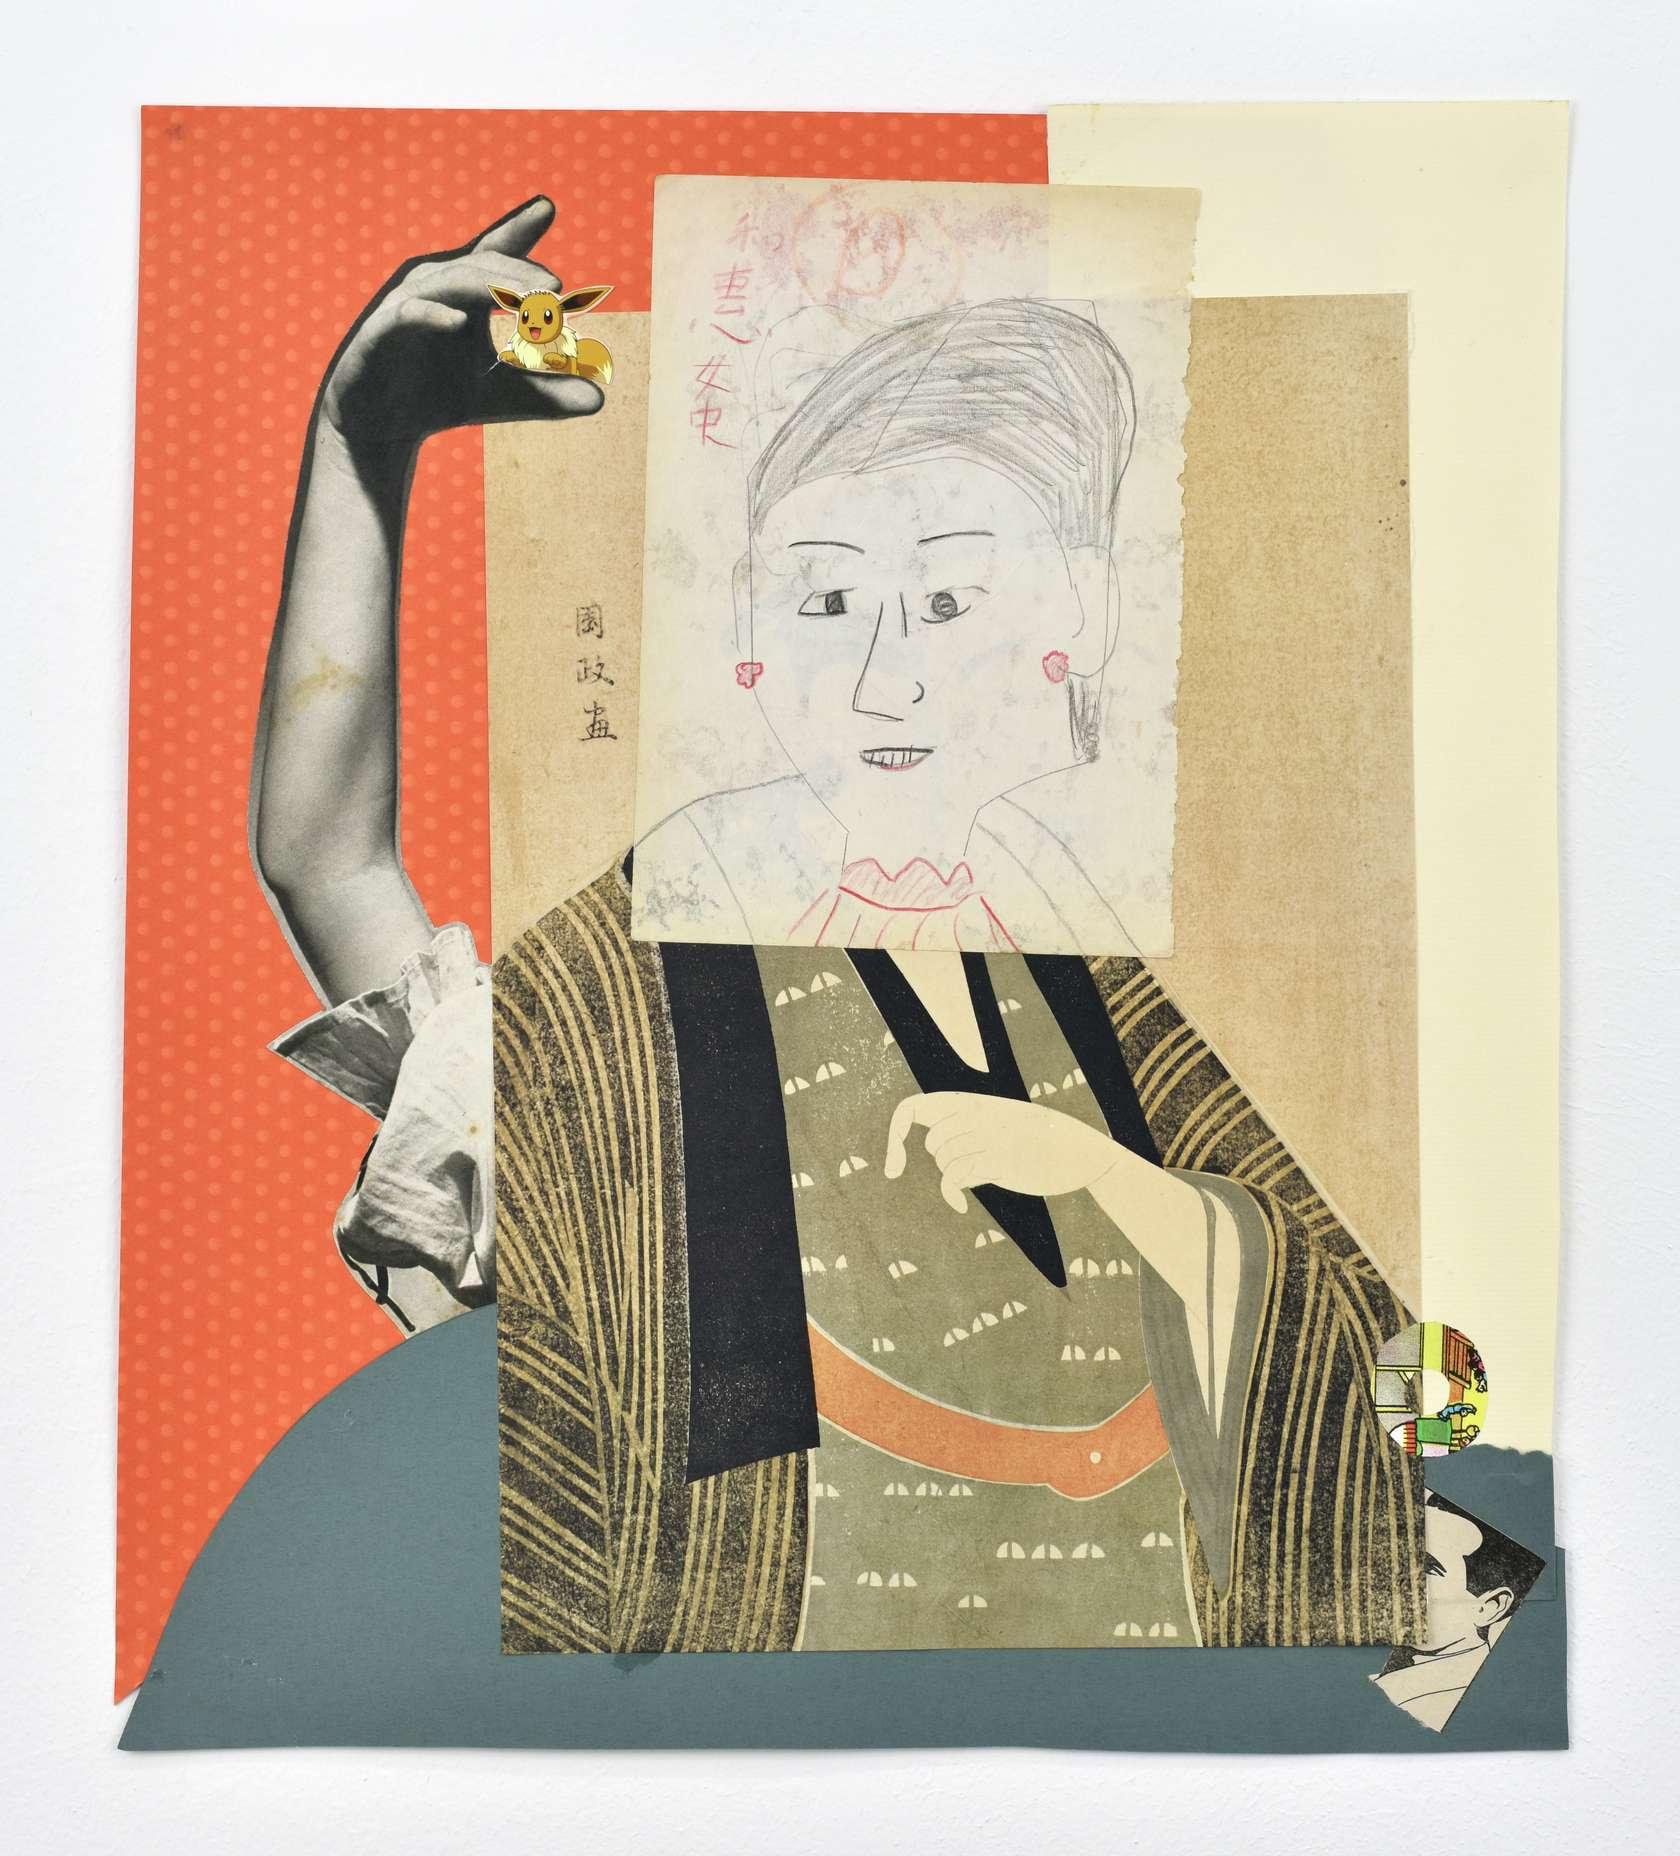 Hippolyte Hentgen, Sanjo Dori, 2018 Collage sur papier44.5 x 39.5 cm / 17 1/2 x 15 1/2 inches